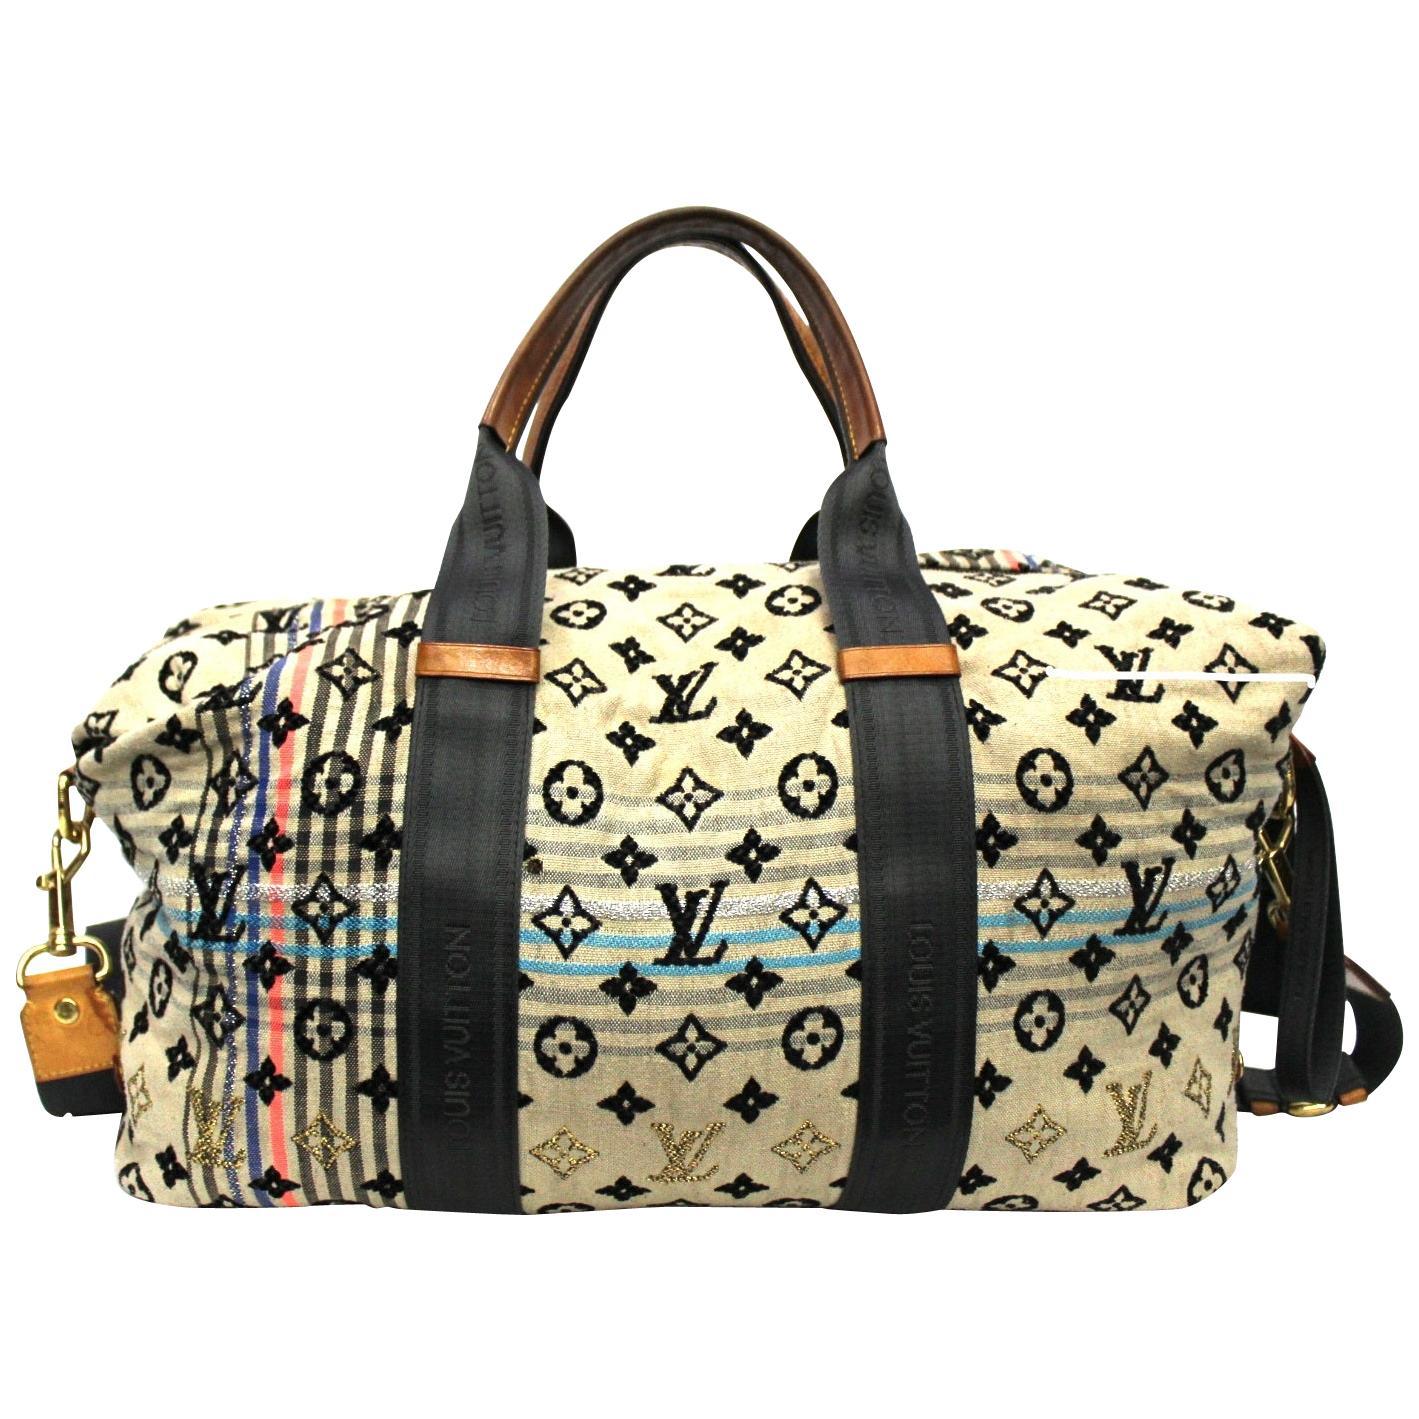 2009 Louis Vuitton Limited Edition Beige Monogram Cheche Tuareg Bag